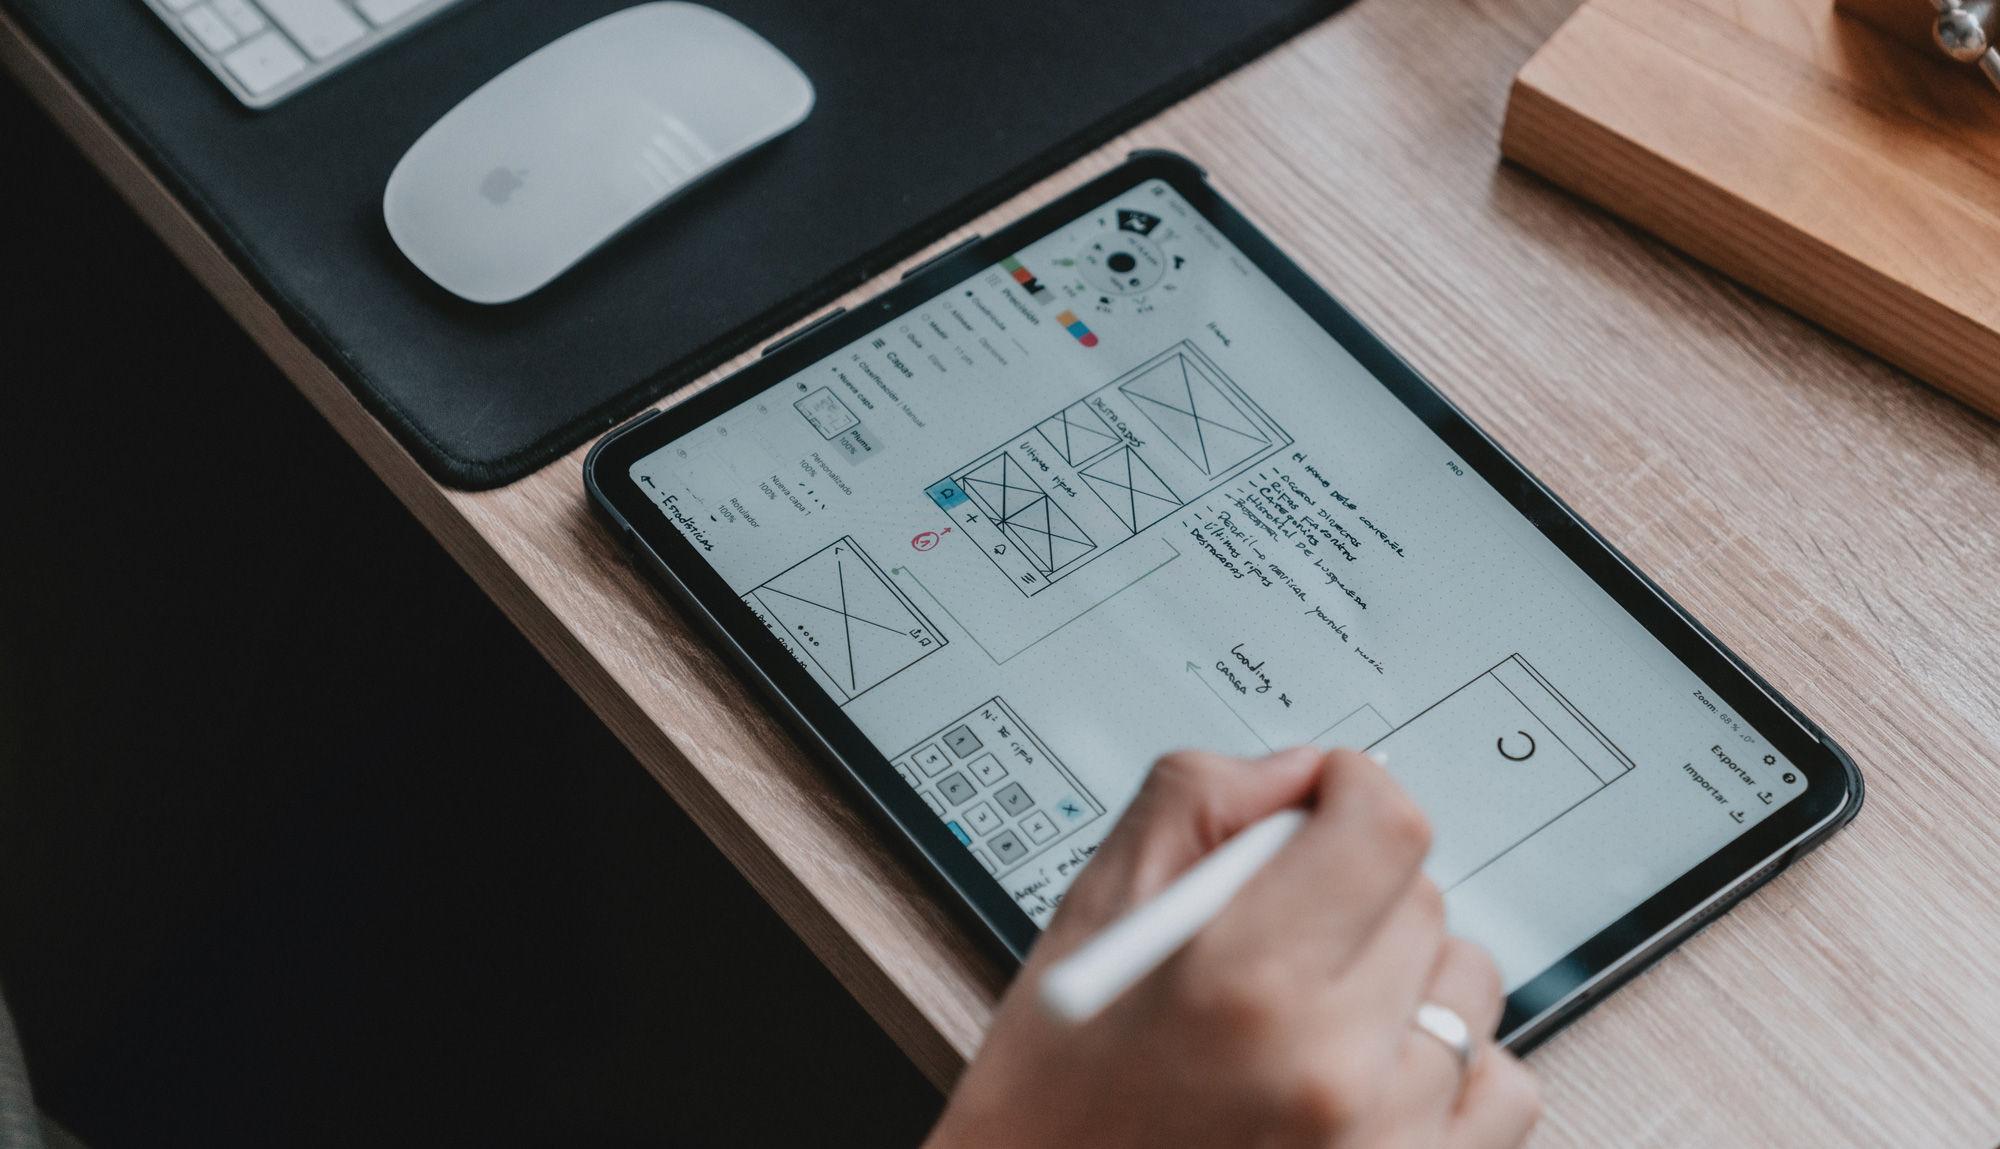 [디지털컨버전스]UI/UX 반응형디자인 웹퍼블리셔&프론트엔드 실무전문과정